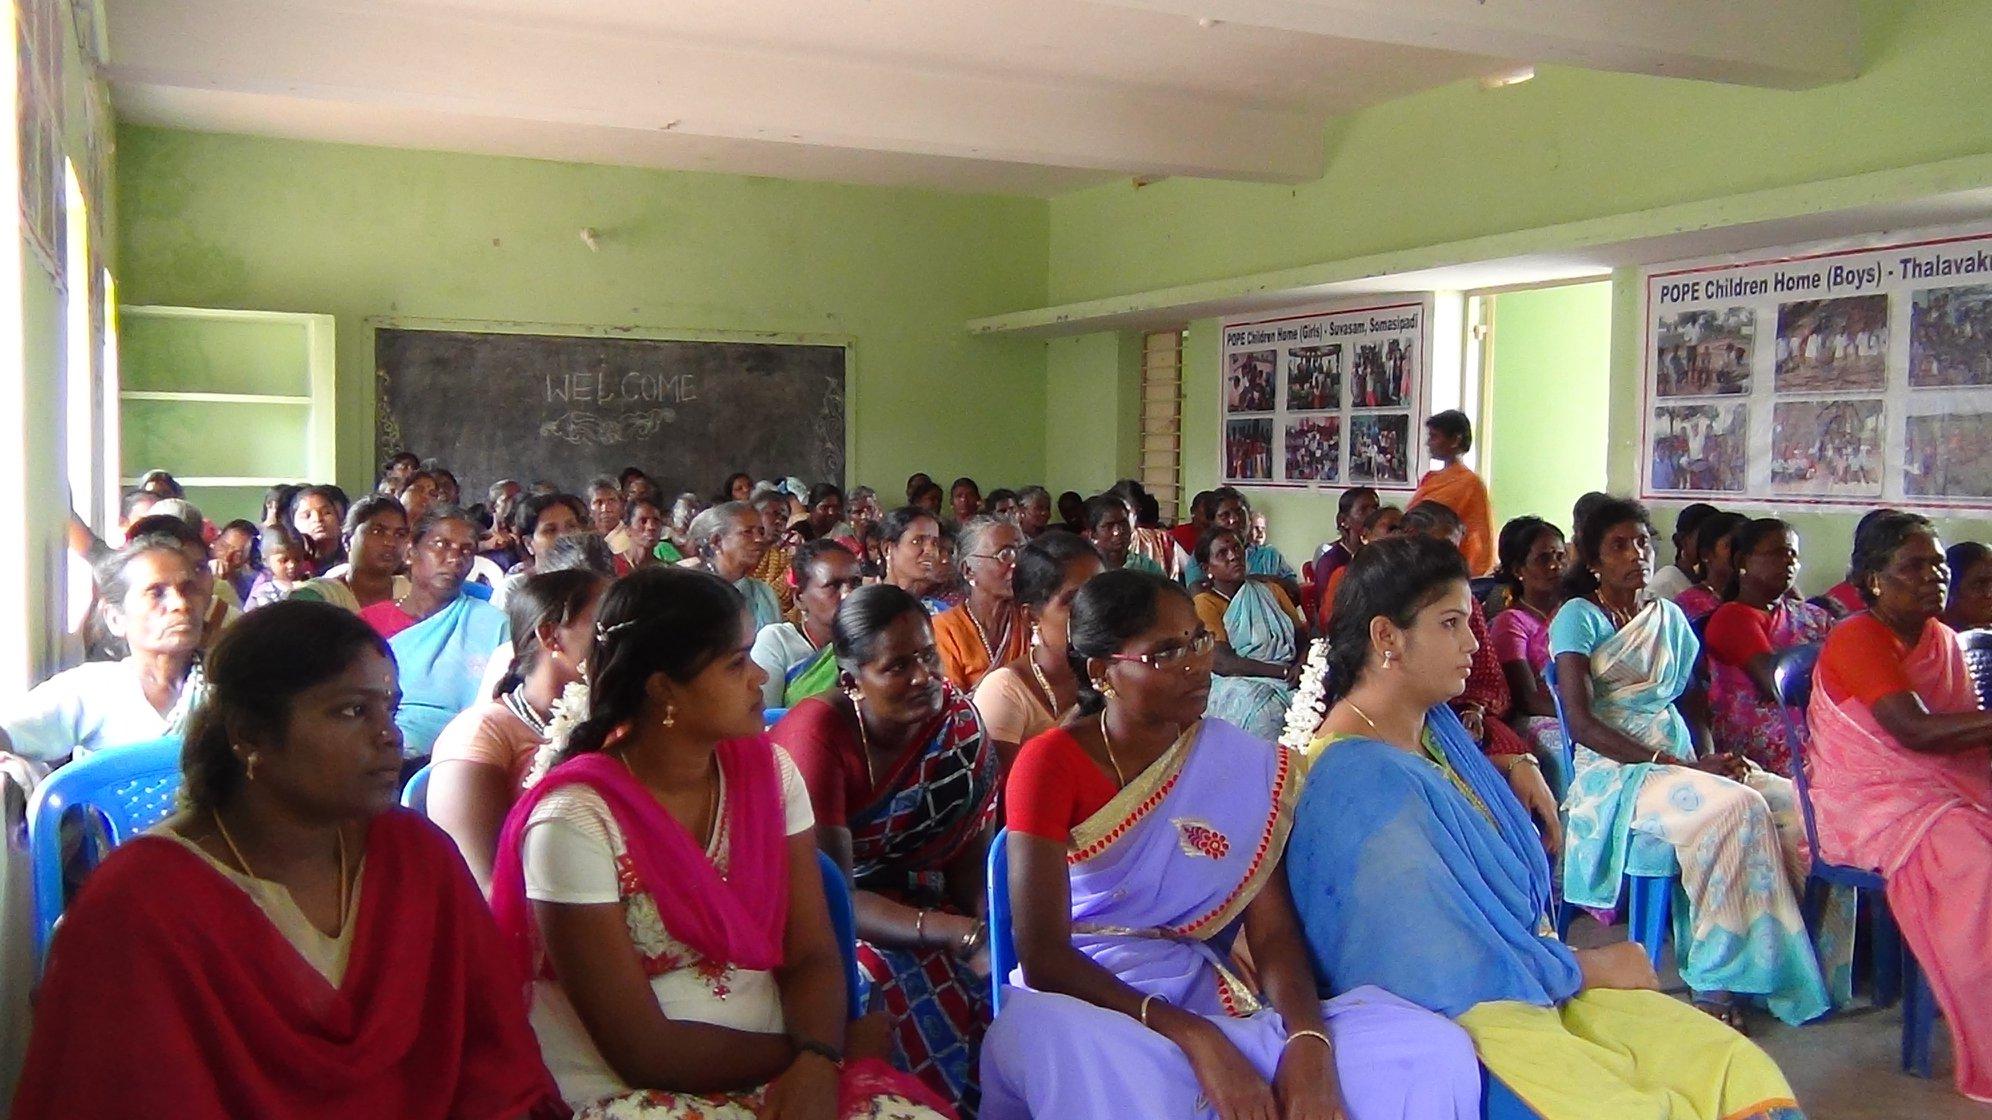 Plusieurs femmes prennent la parole pour partager leurs problèmes, leur expérience.